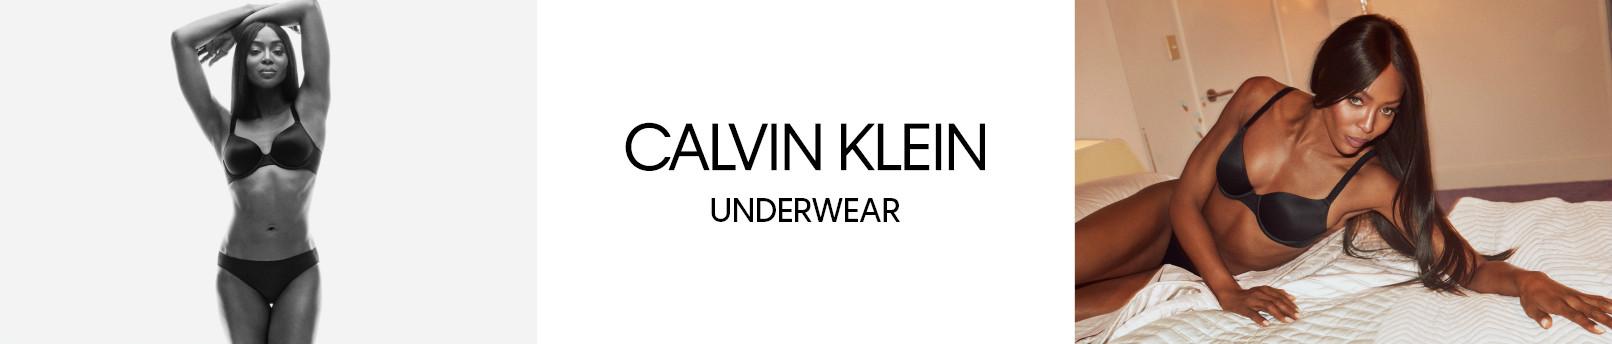 Zur Calvin Klein Underwear